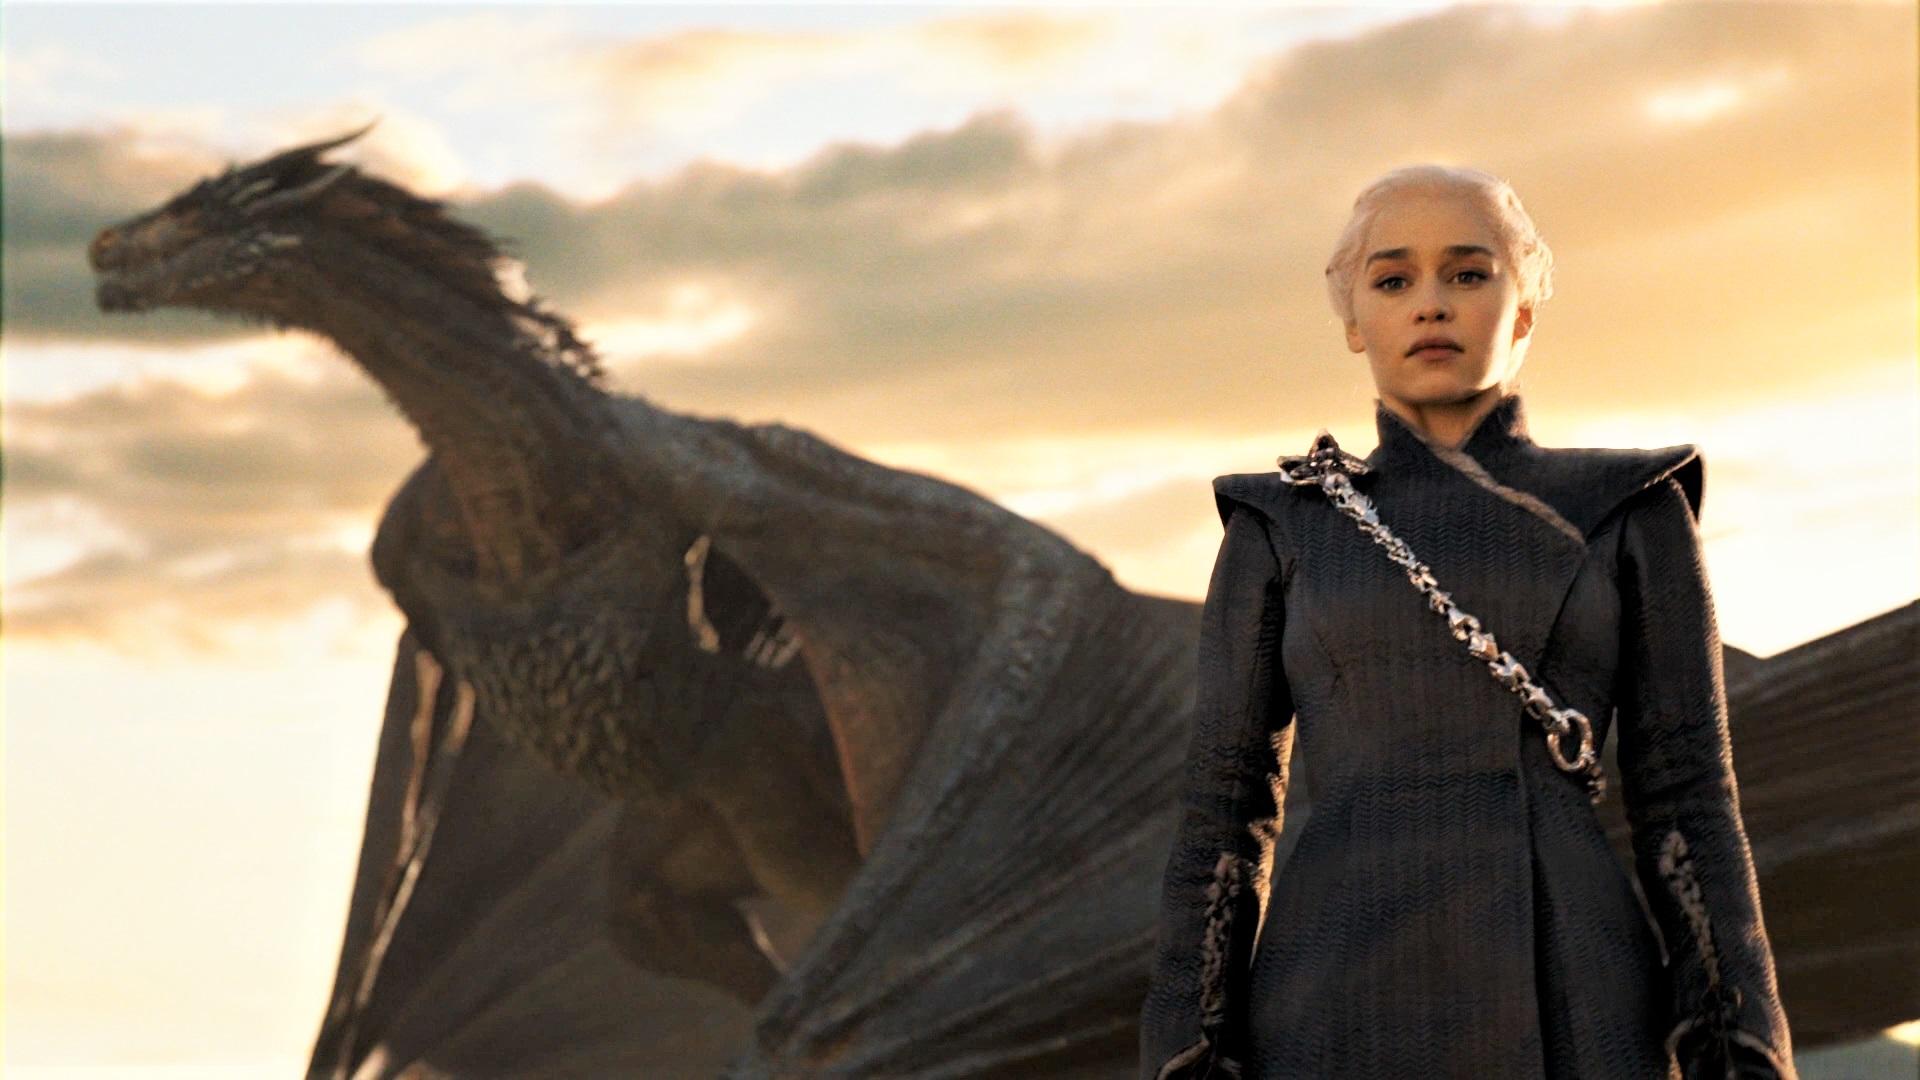 Startmonat für Game of Thrones Staffel 8 bekannt gegeben